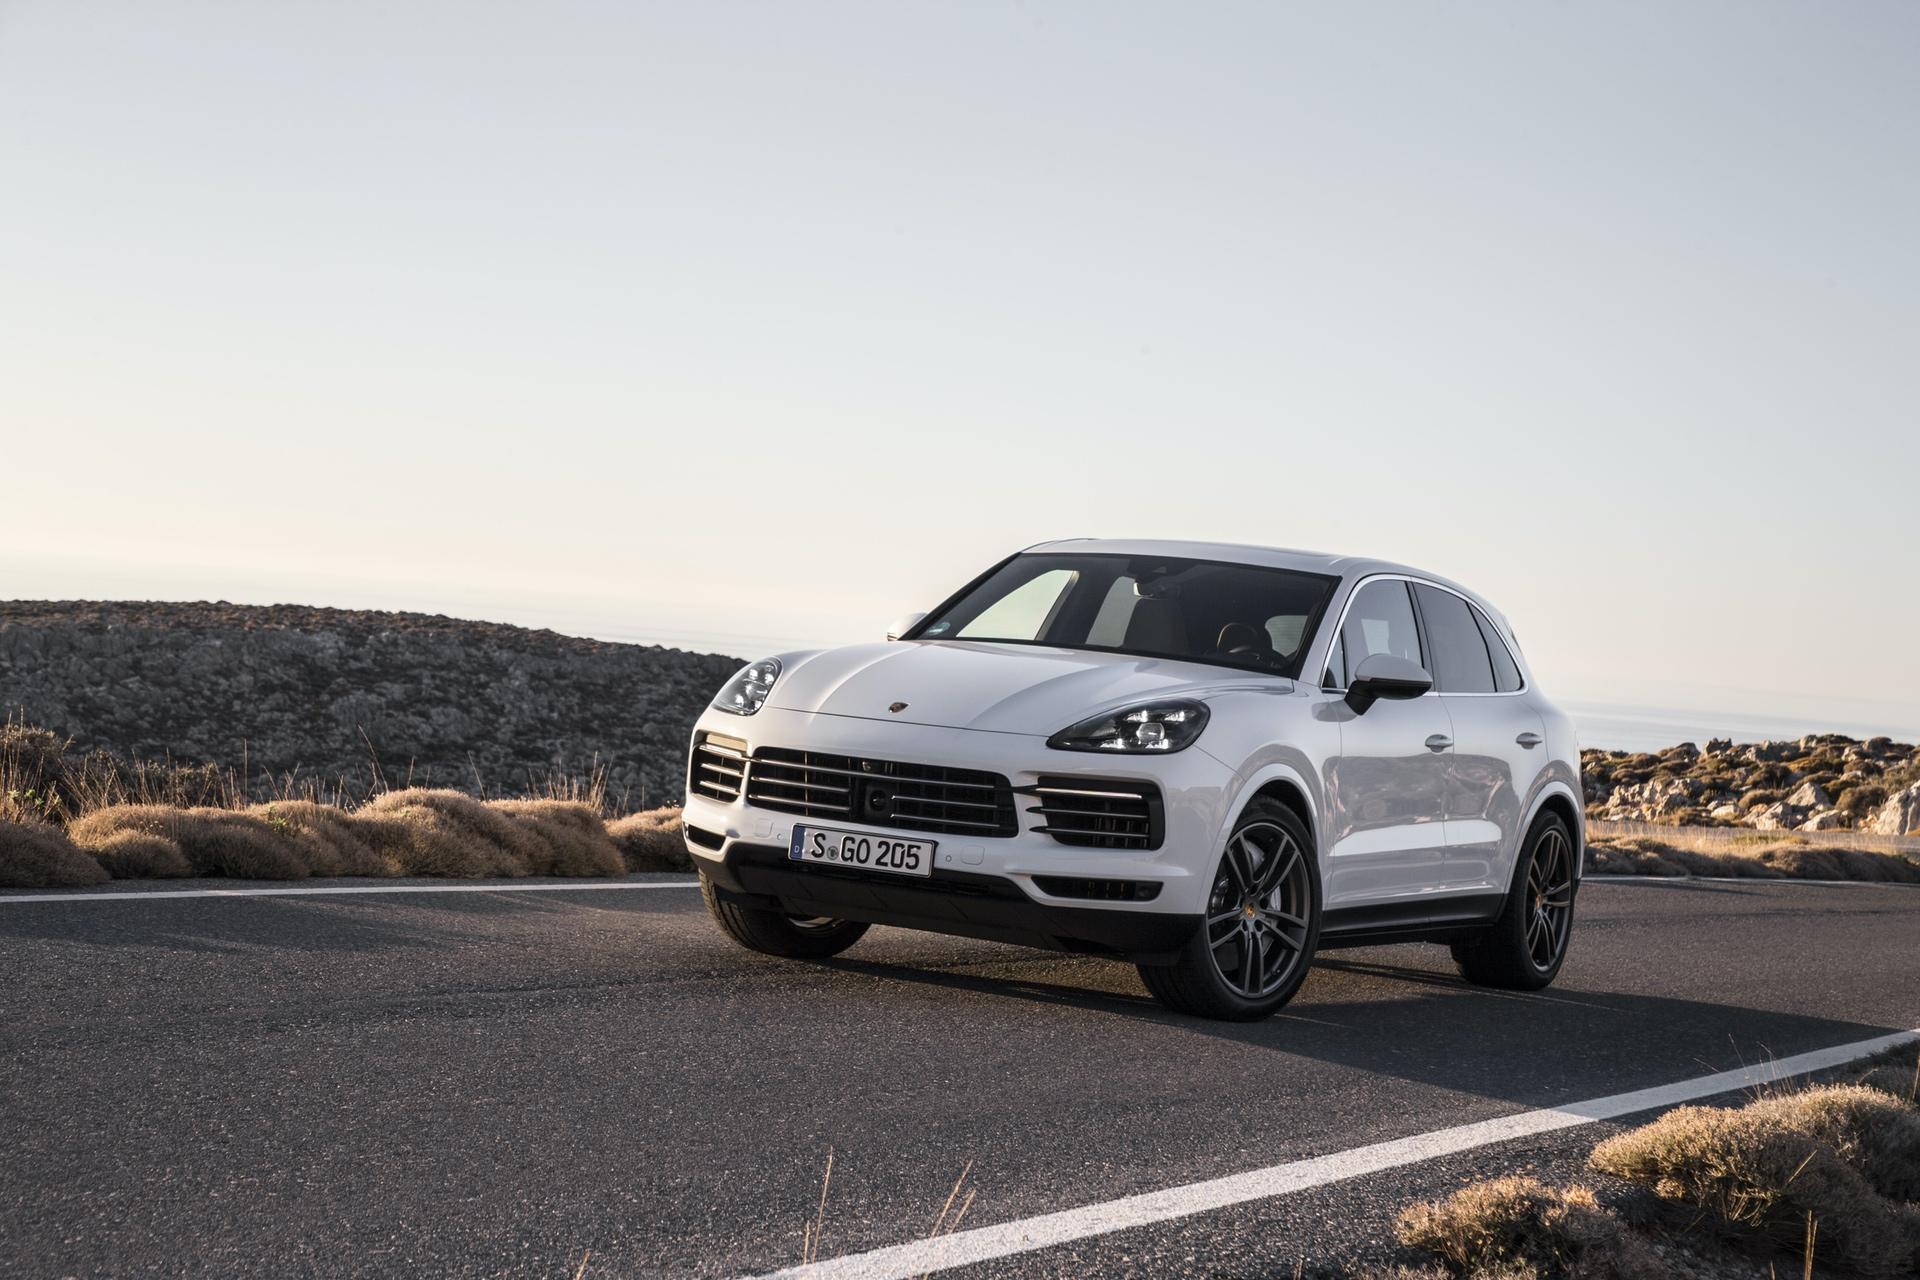 Test_Drive_Porsche_Cayenne_199